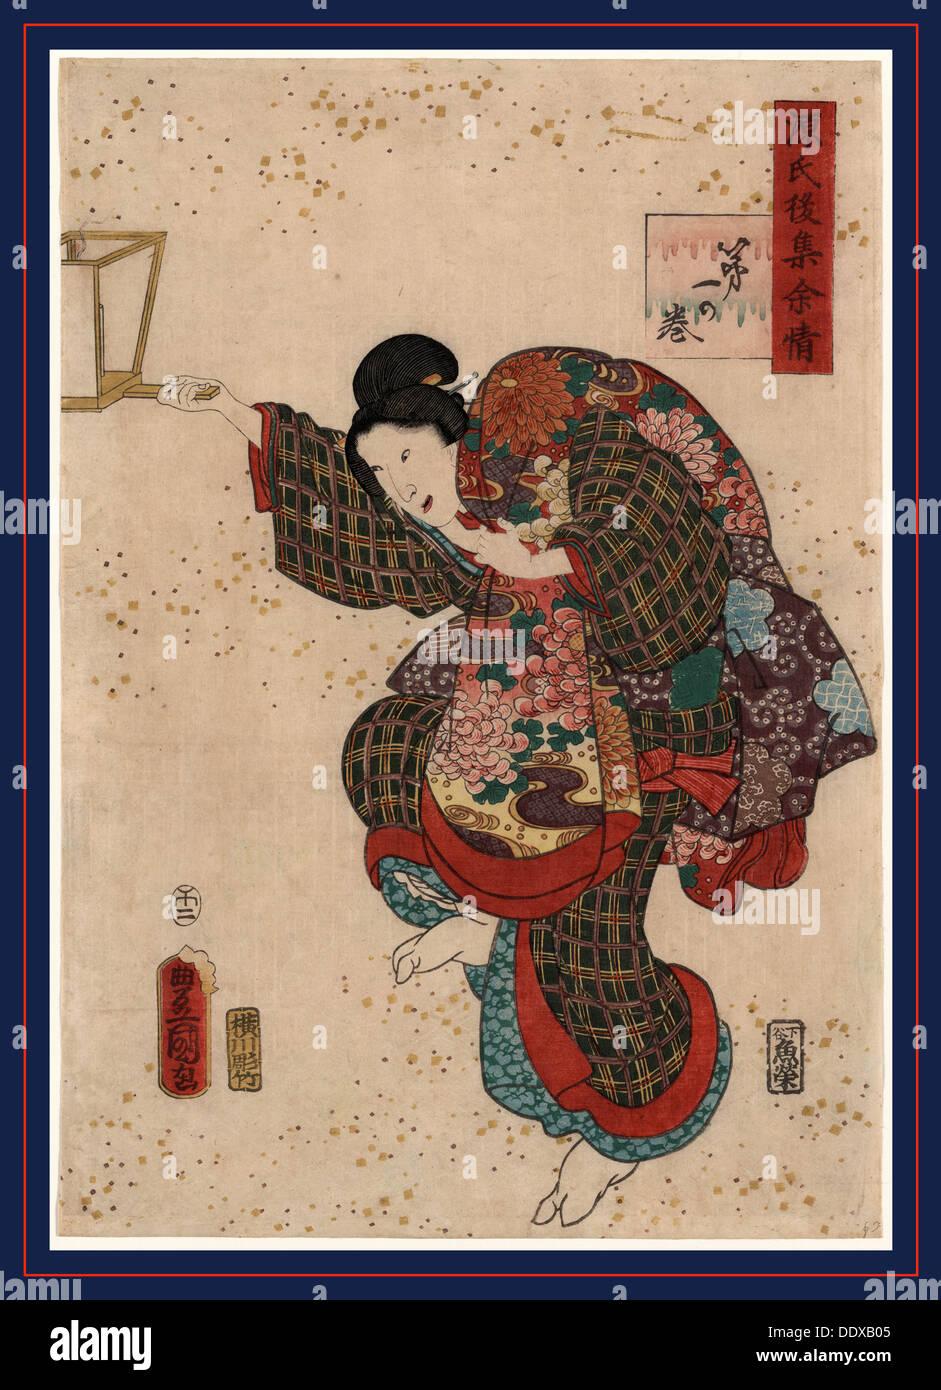 Daiichi no maki, Utagawa Toyokuni, - Stock Image